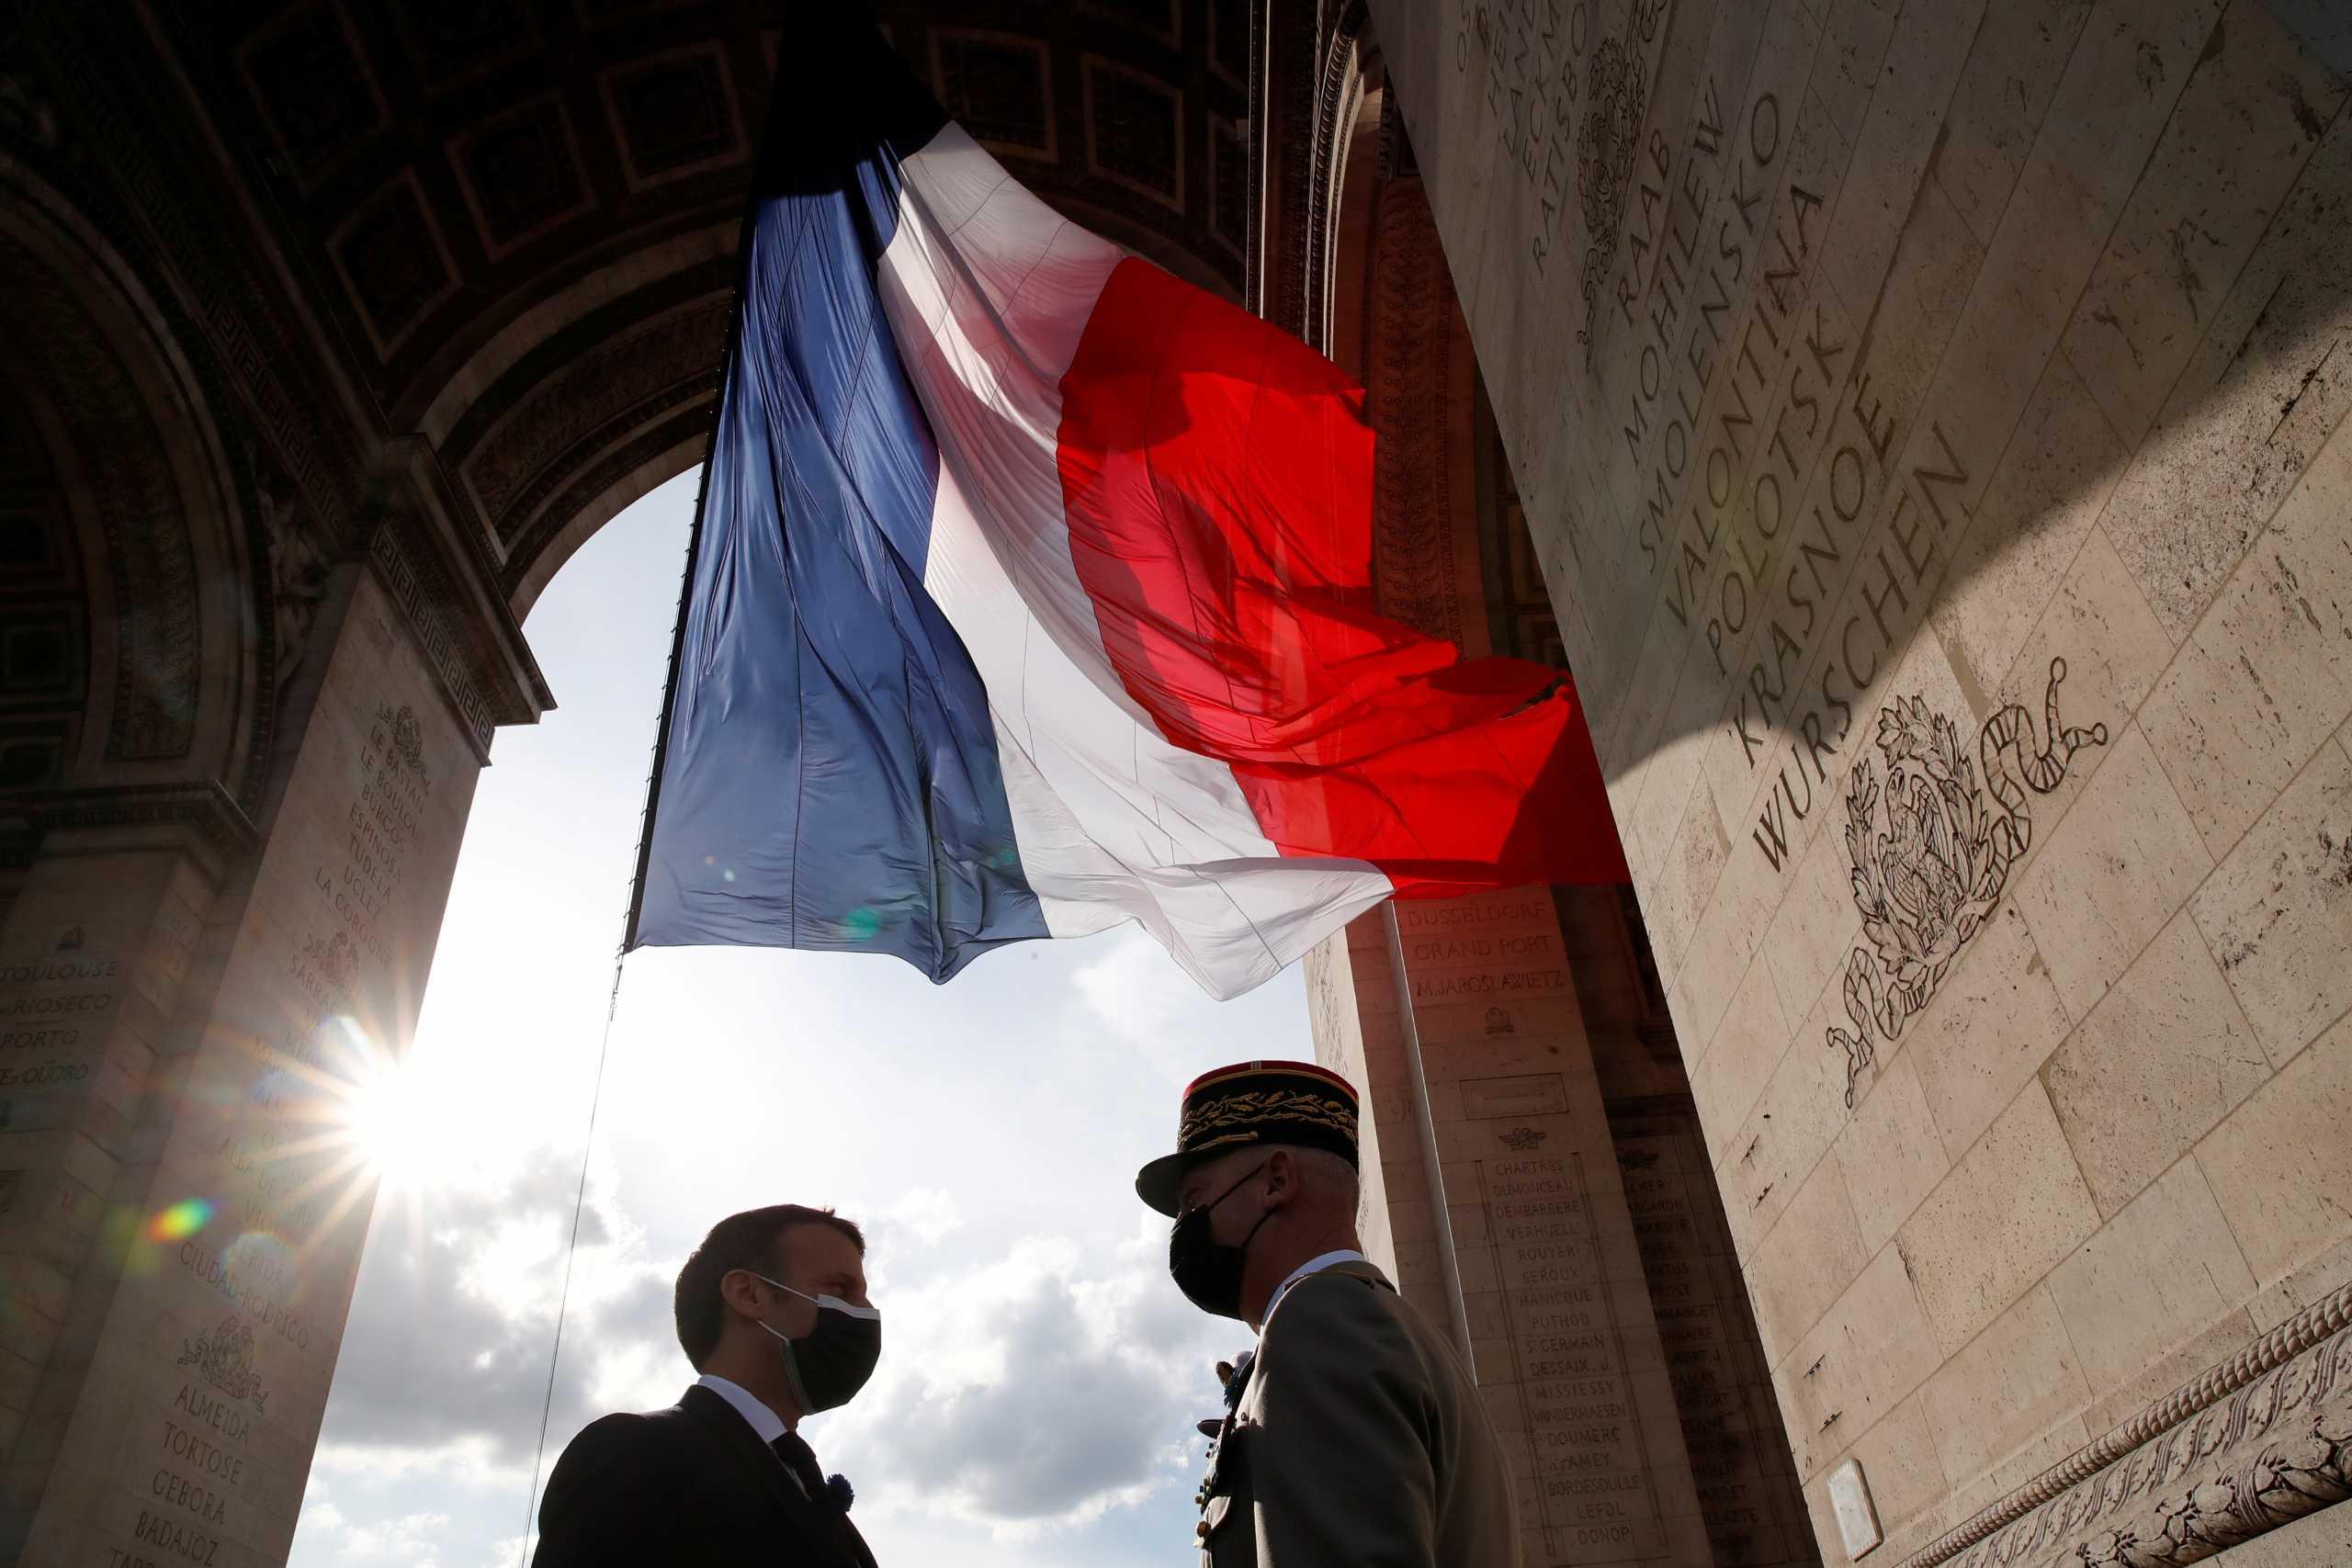 Γαλλία: Νέο κείμενο από στρατιωτικούς – «Πρόκειται για την επιβίωση της χώρας μας»